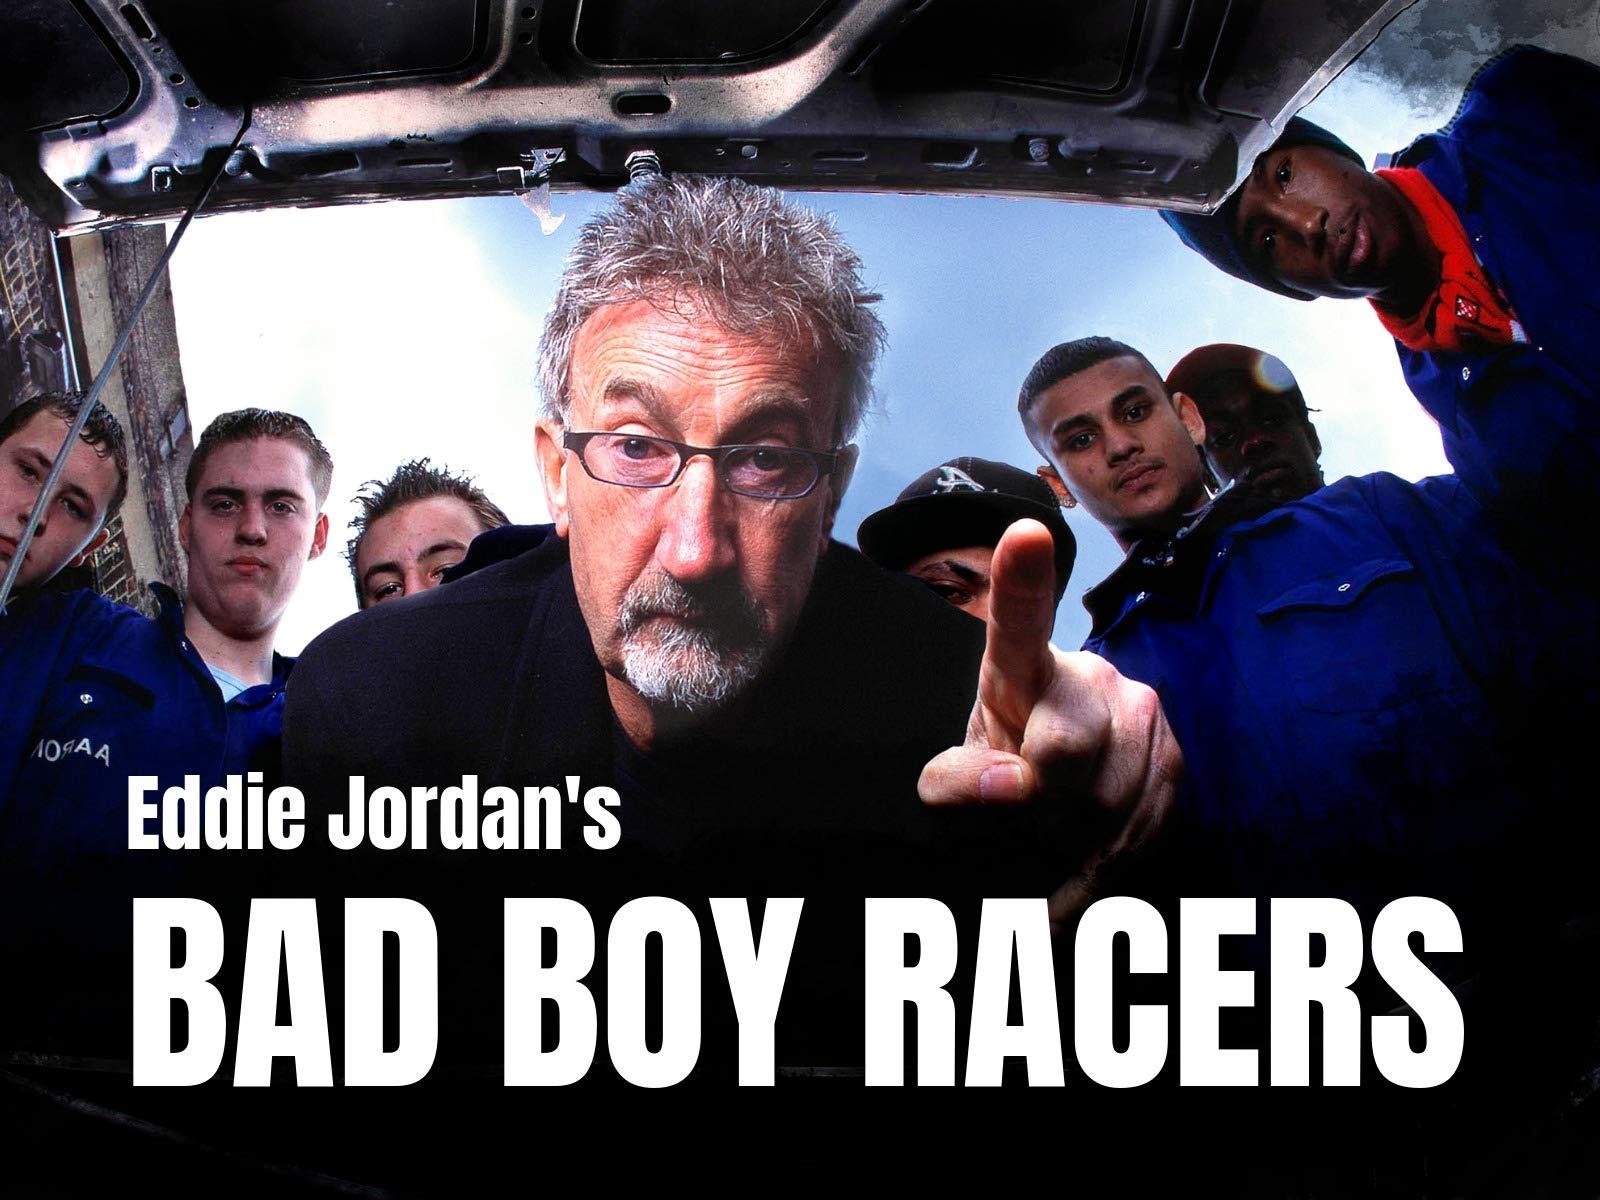 Eddie Jordan's Bad Boy Racers